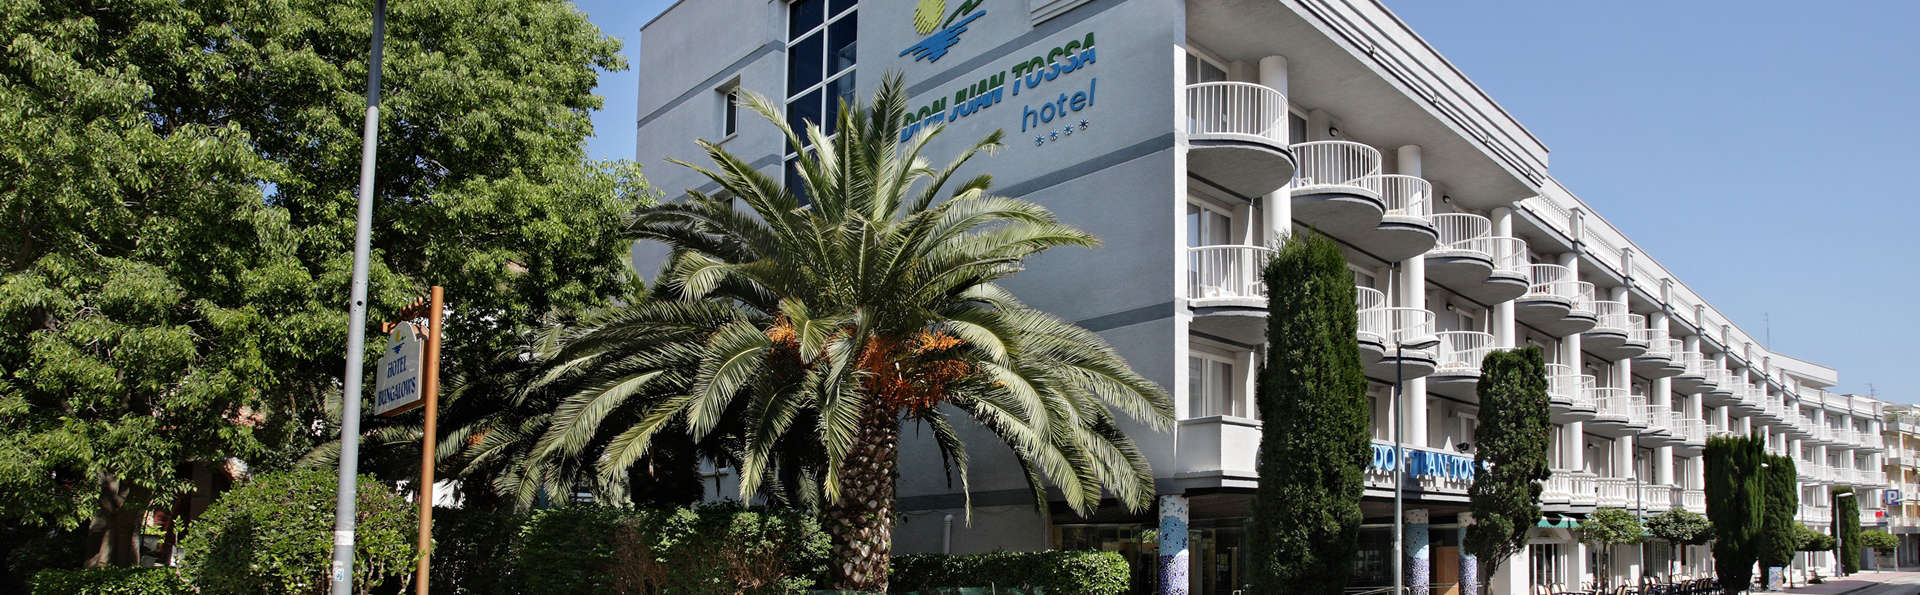 Hotel Don Juan Tossa - Edit_Front.jpg